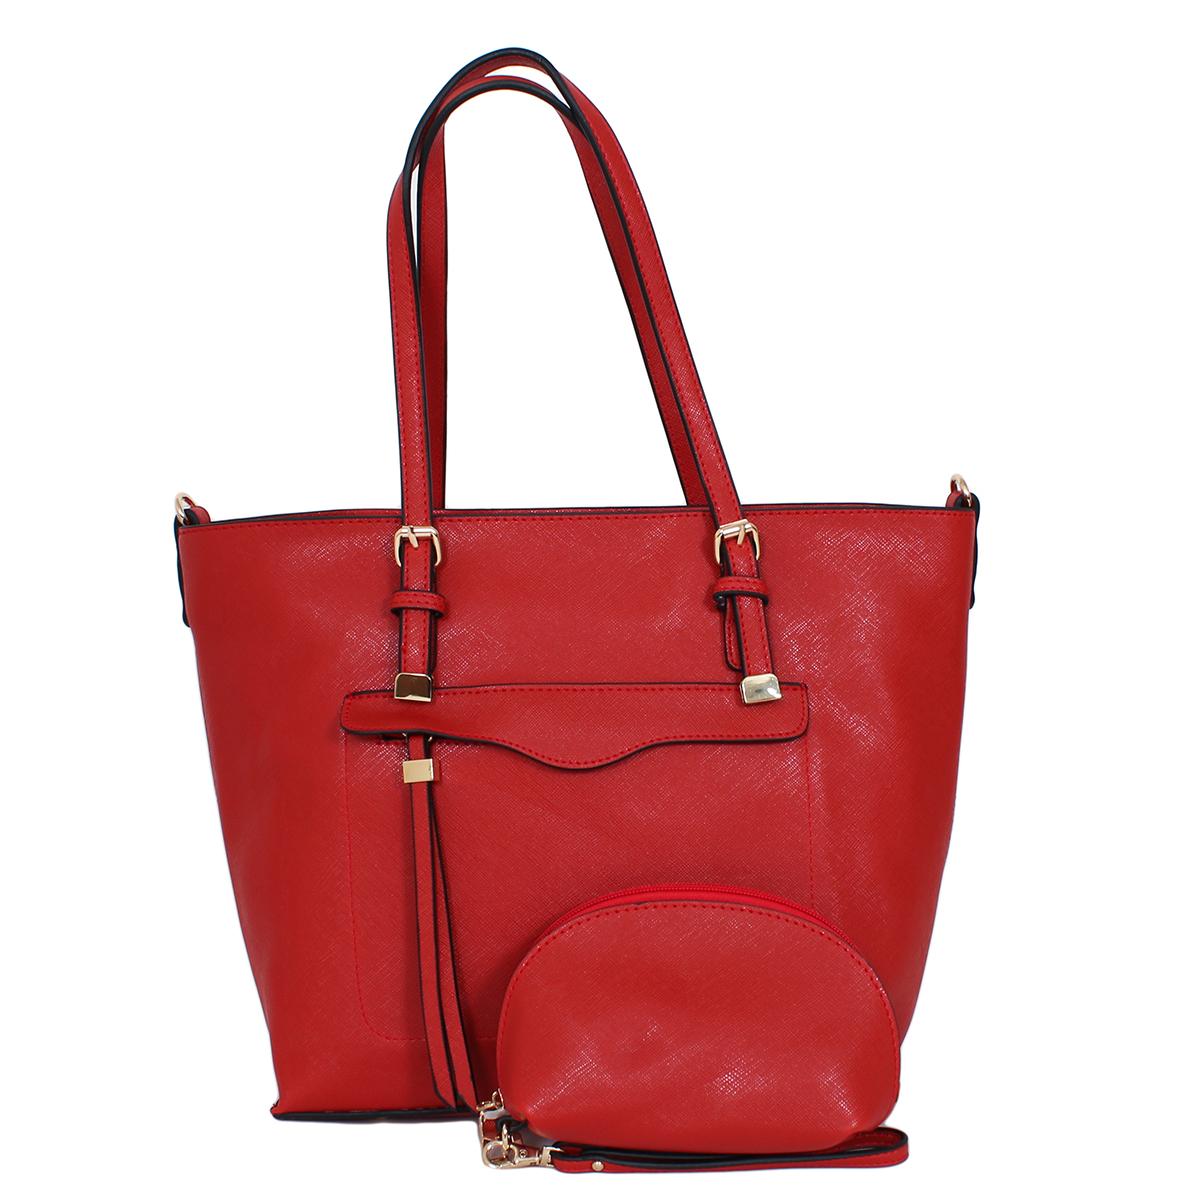 Сумка женская Flioraj, цвет: красный. 00051616101225В комплекте сумка и косметичка. Сумка закрывается на молнию, внутри одно отделение, снаружи один карман на молнии. Косметичка закрывается на молнию, внутри одно отделение.